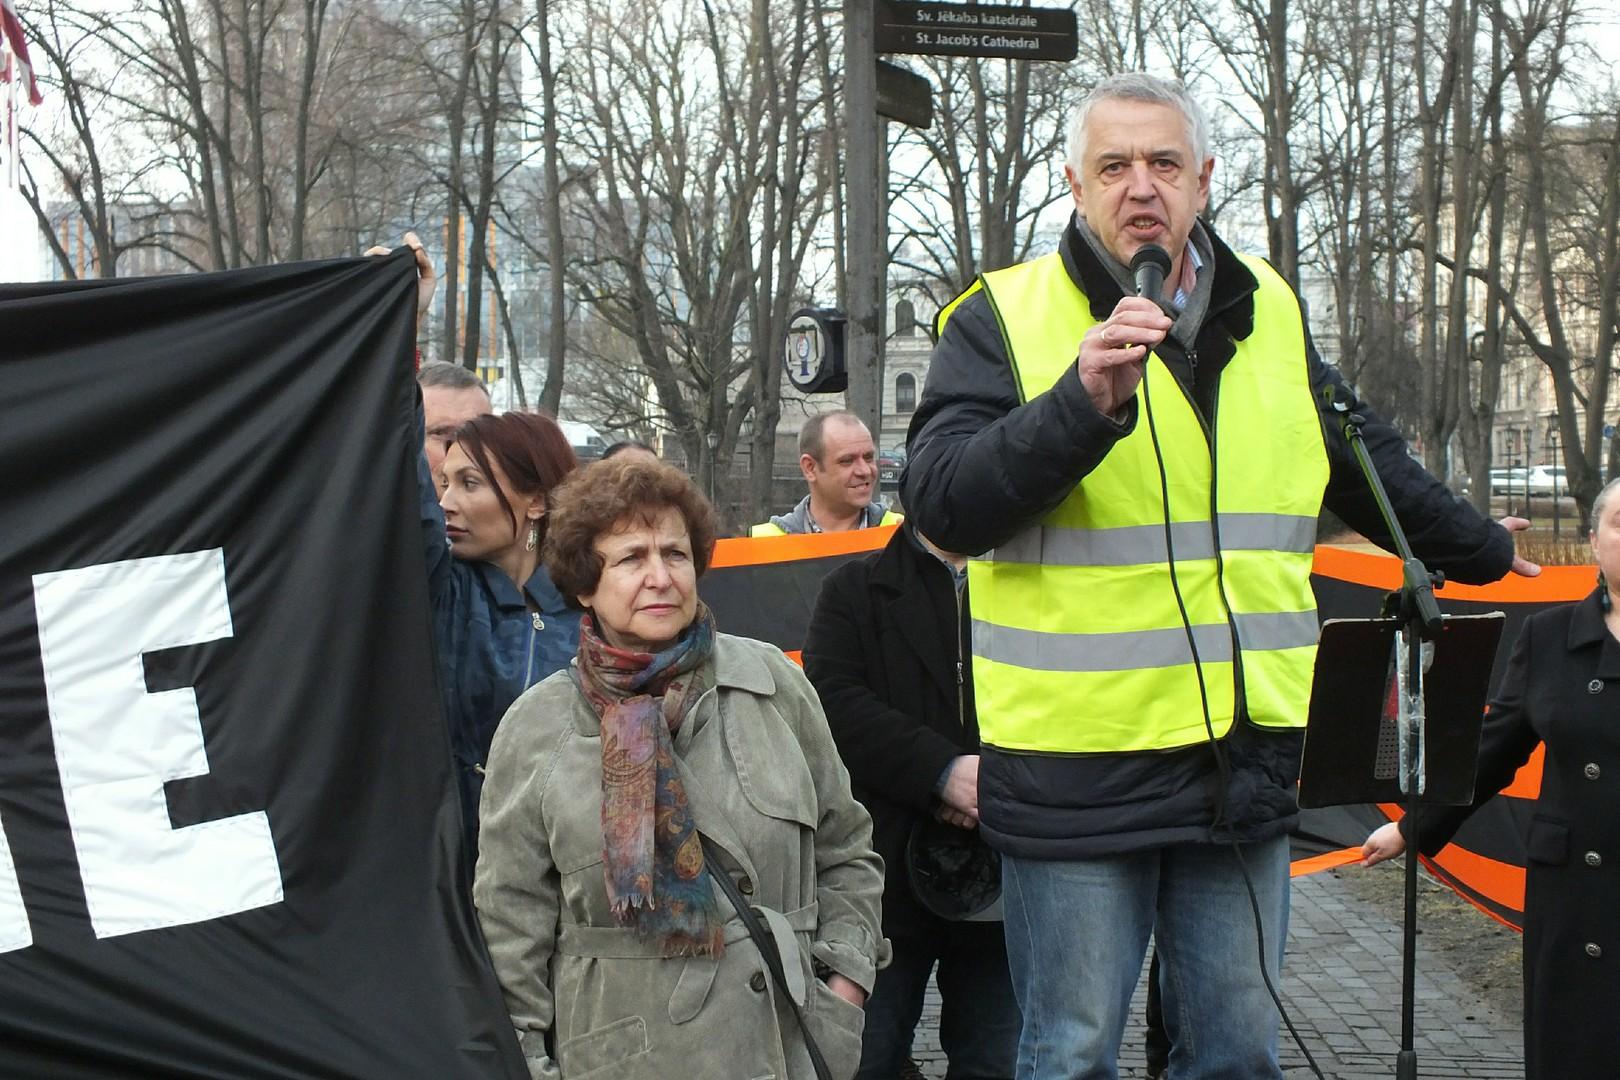 Osteuropa: 30 Jahre Freiheitsversprechen und was daraus wurde